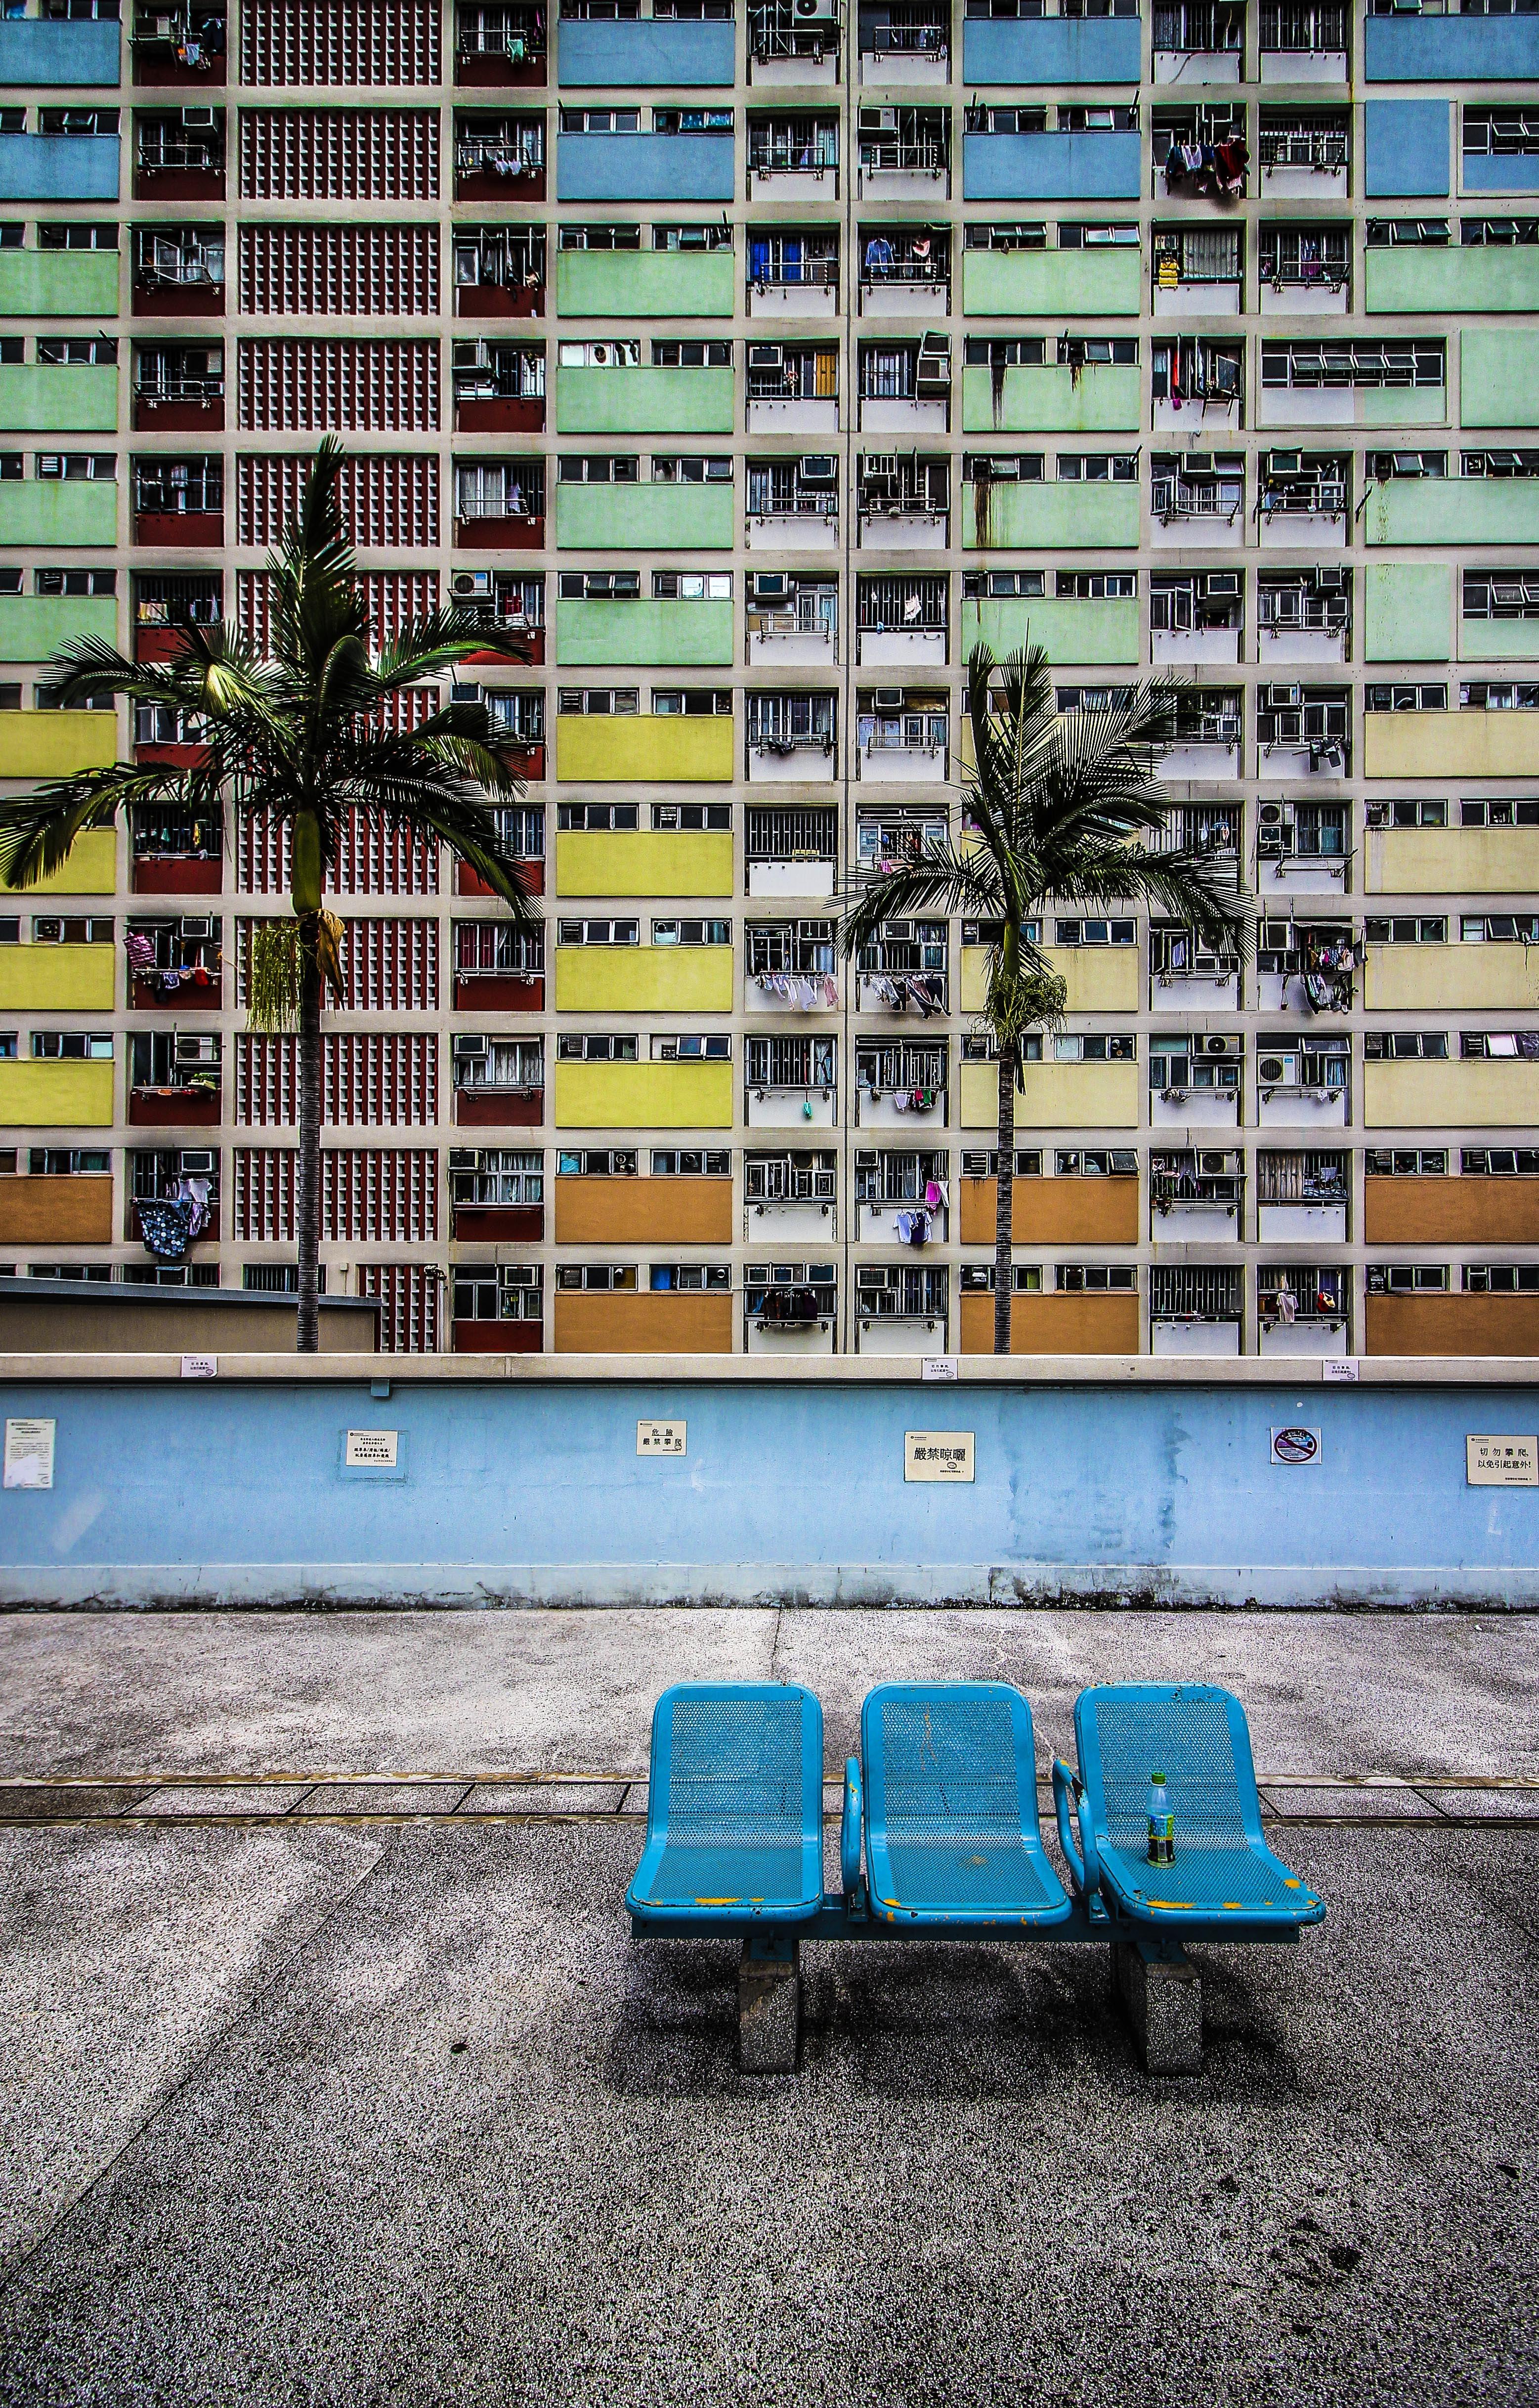 multicolored concrete building